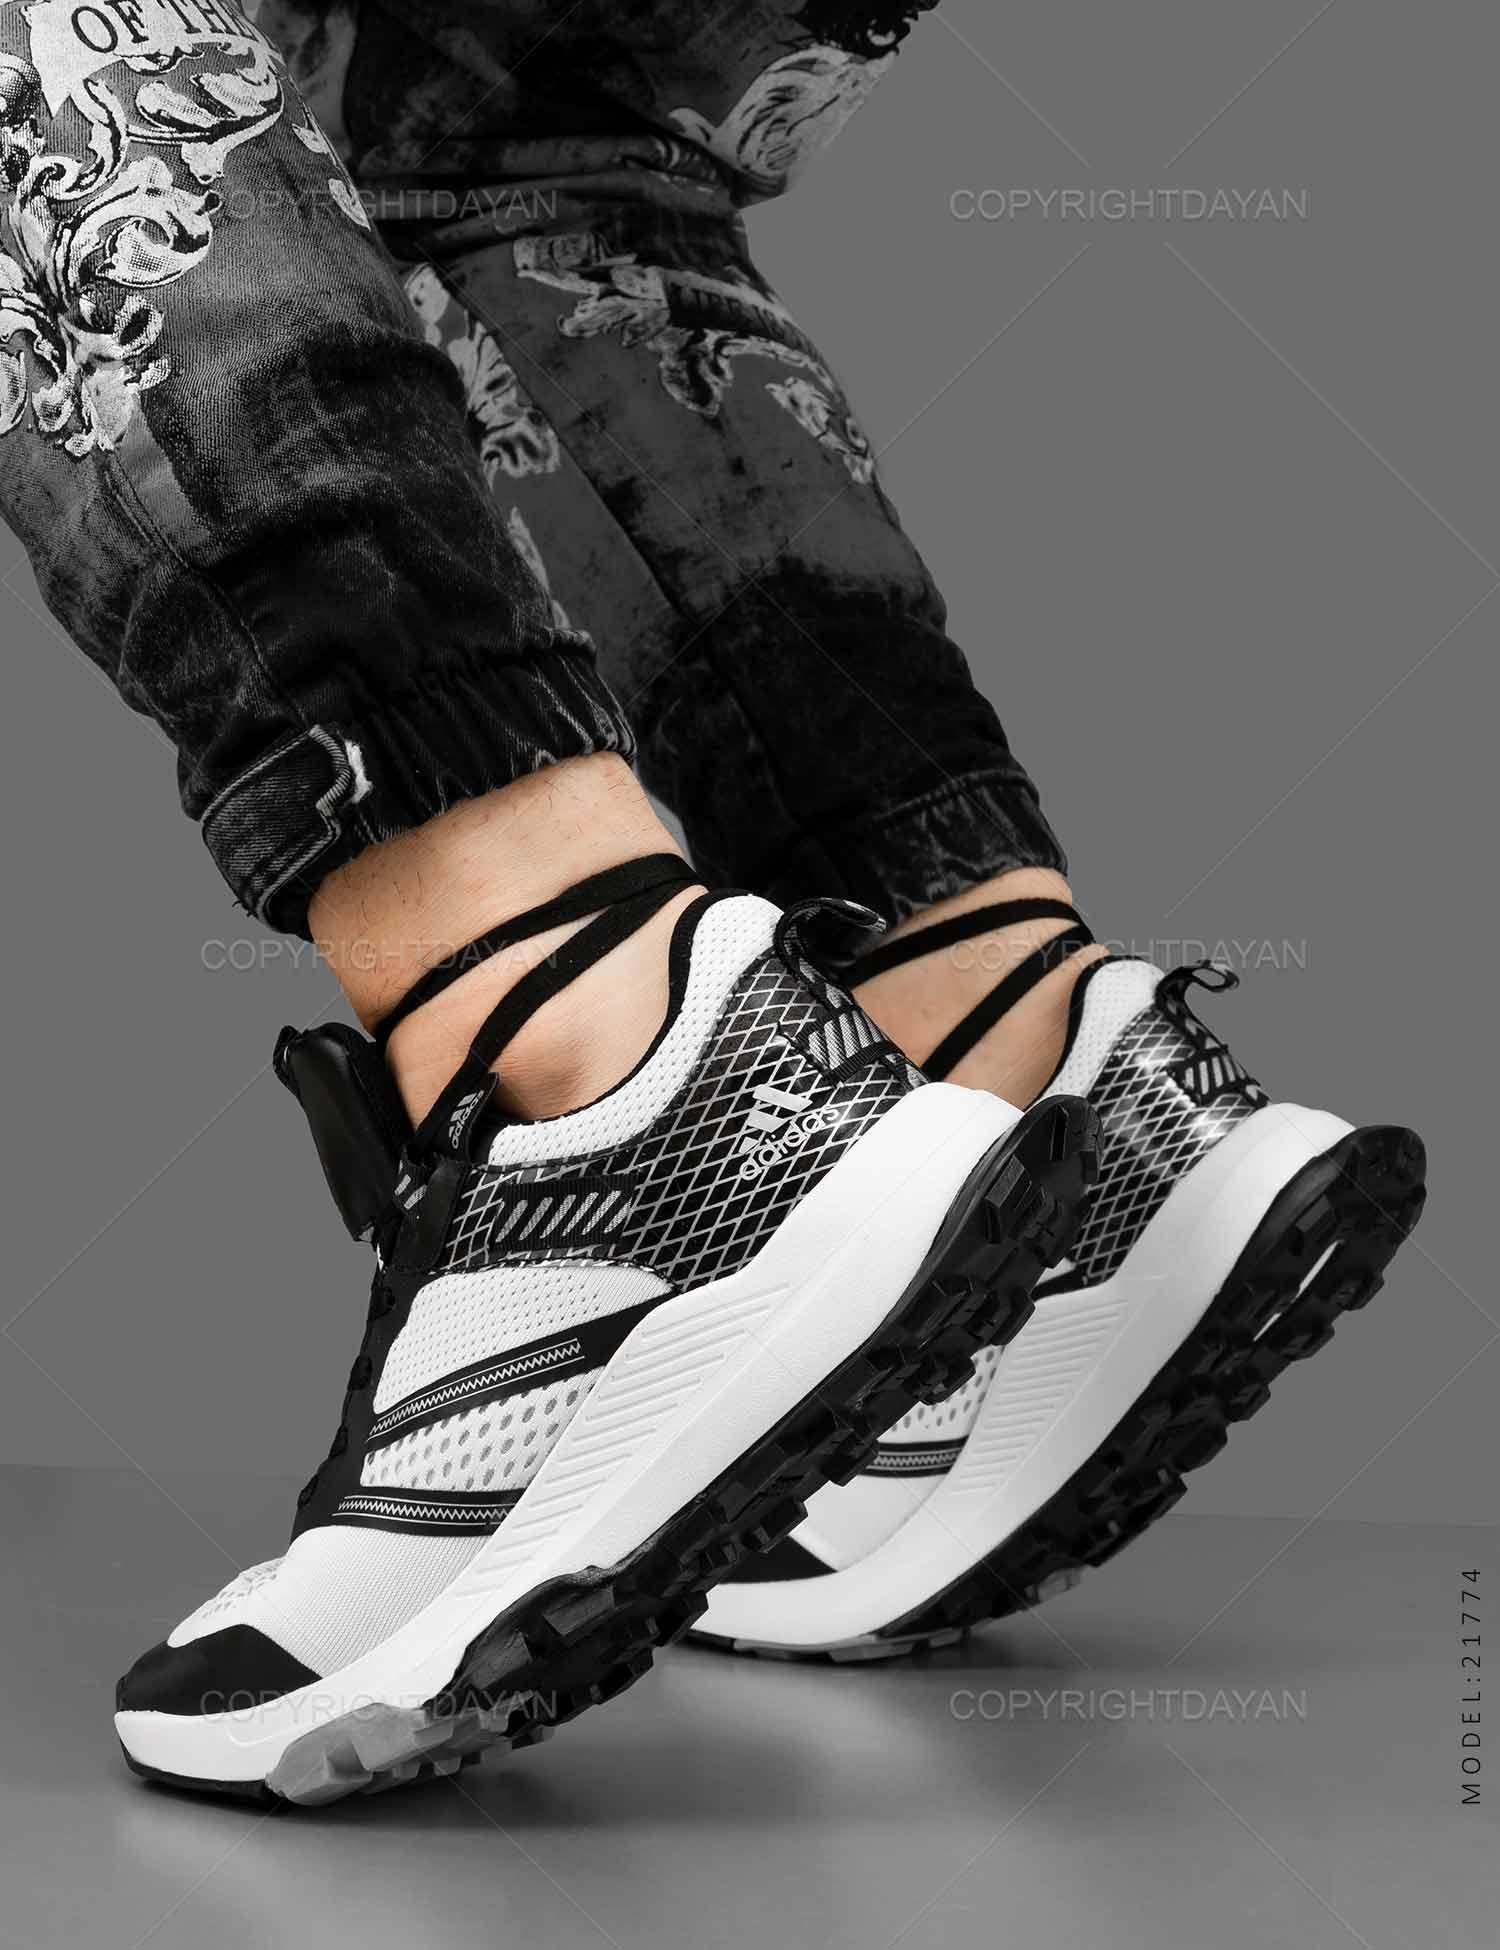 کفش ورزشی مردانه Adidas مدل 21774 کفش ورزشی مردانه Adidas مدل 21774 329,000 تومان